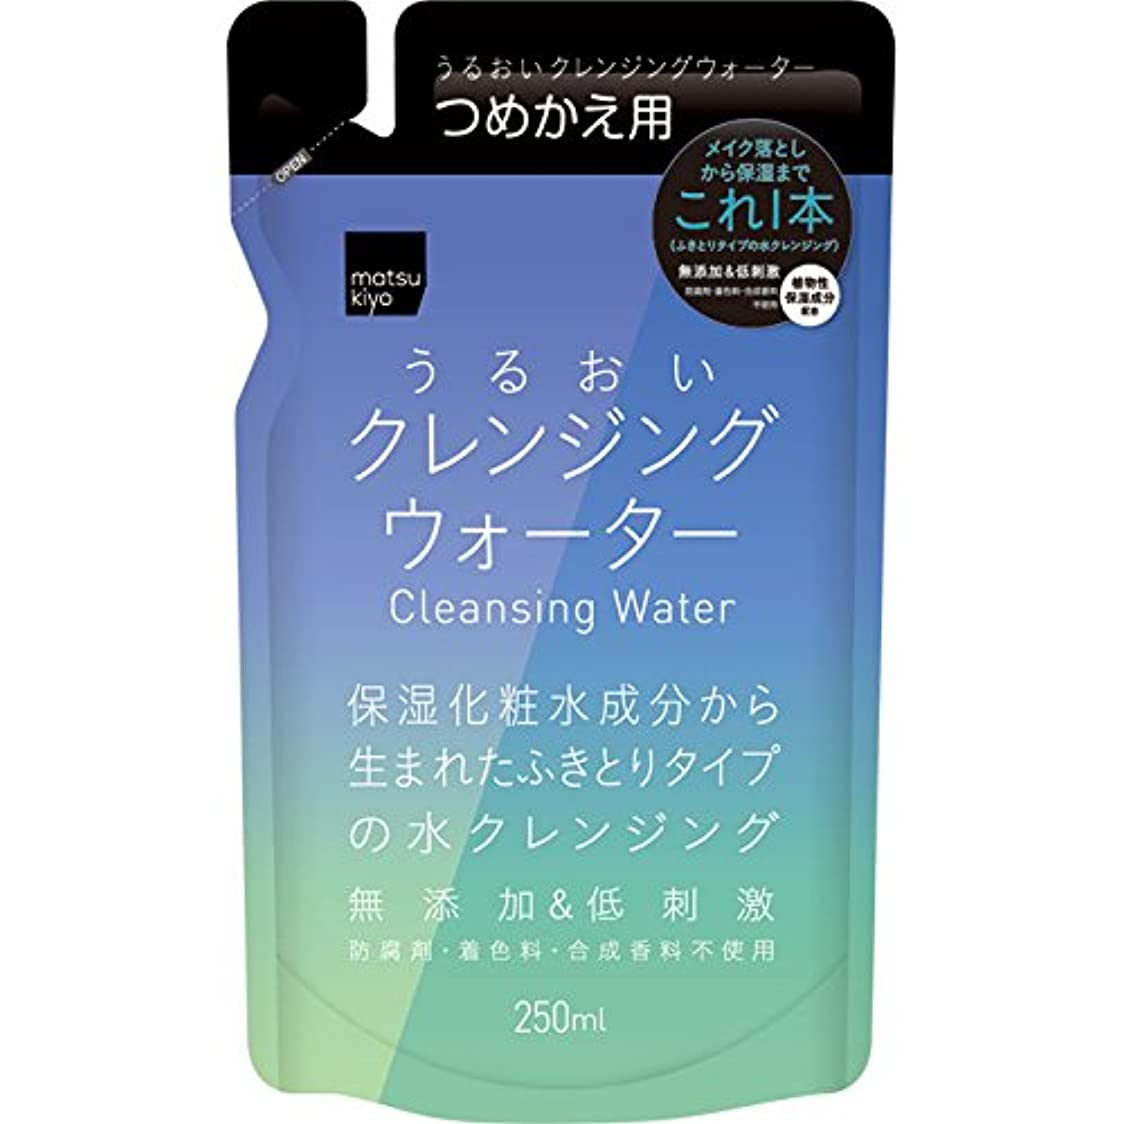 matsukiyo うるおいクレンジングウォーター 詰替 250ml詰替